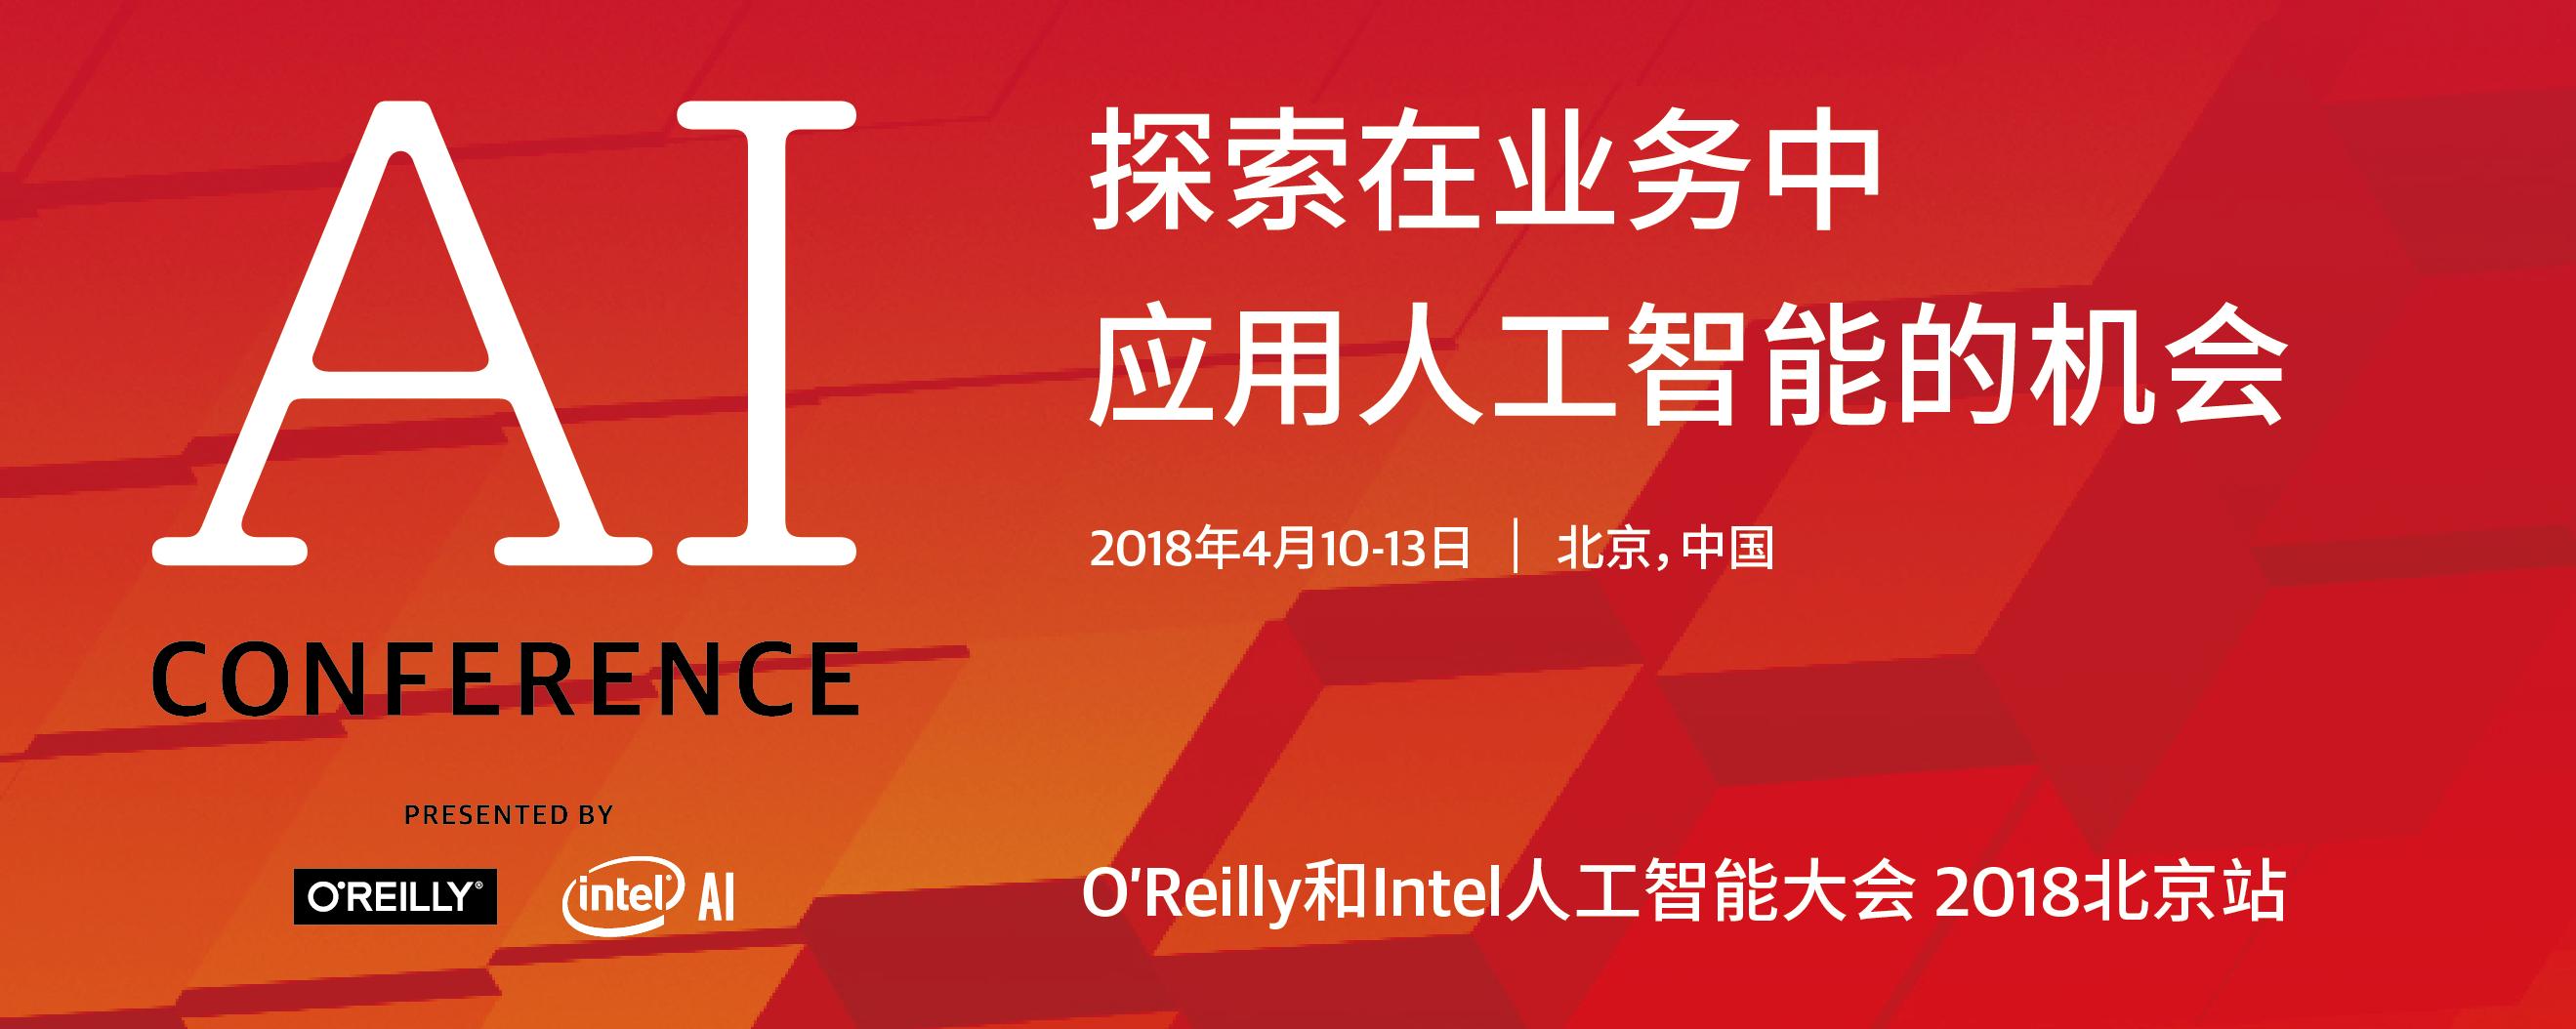 抢票:2018年不容错过的世界人工智能大会